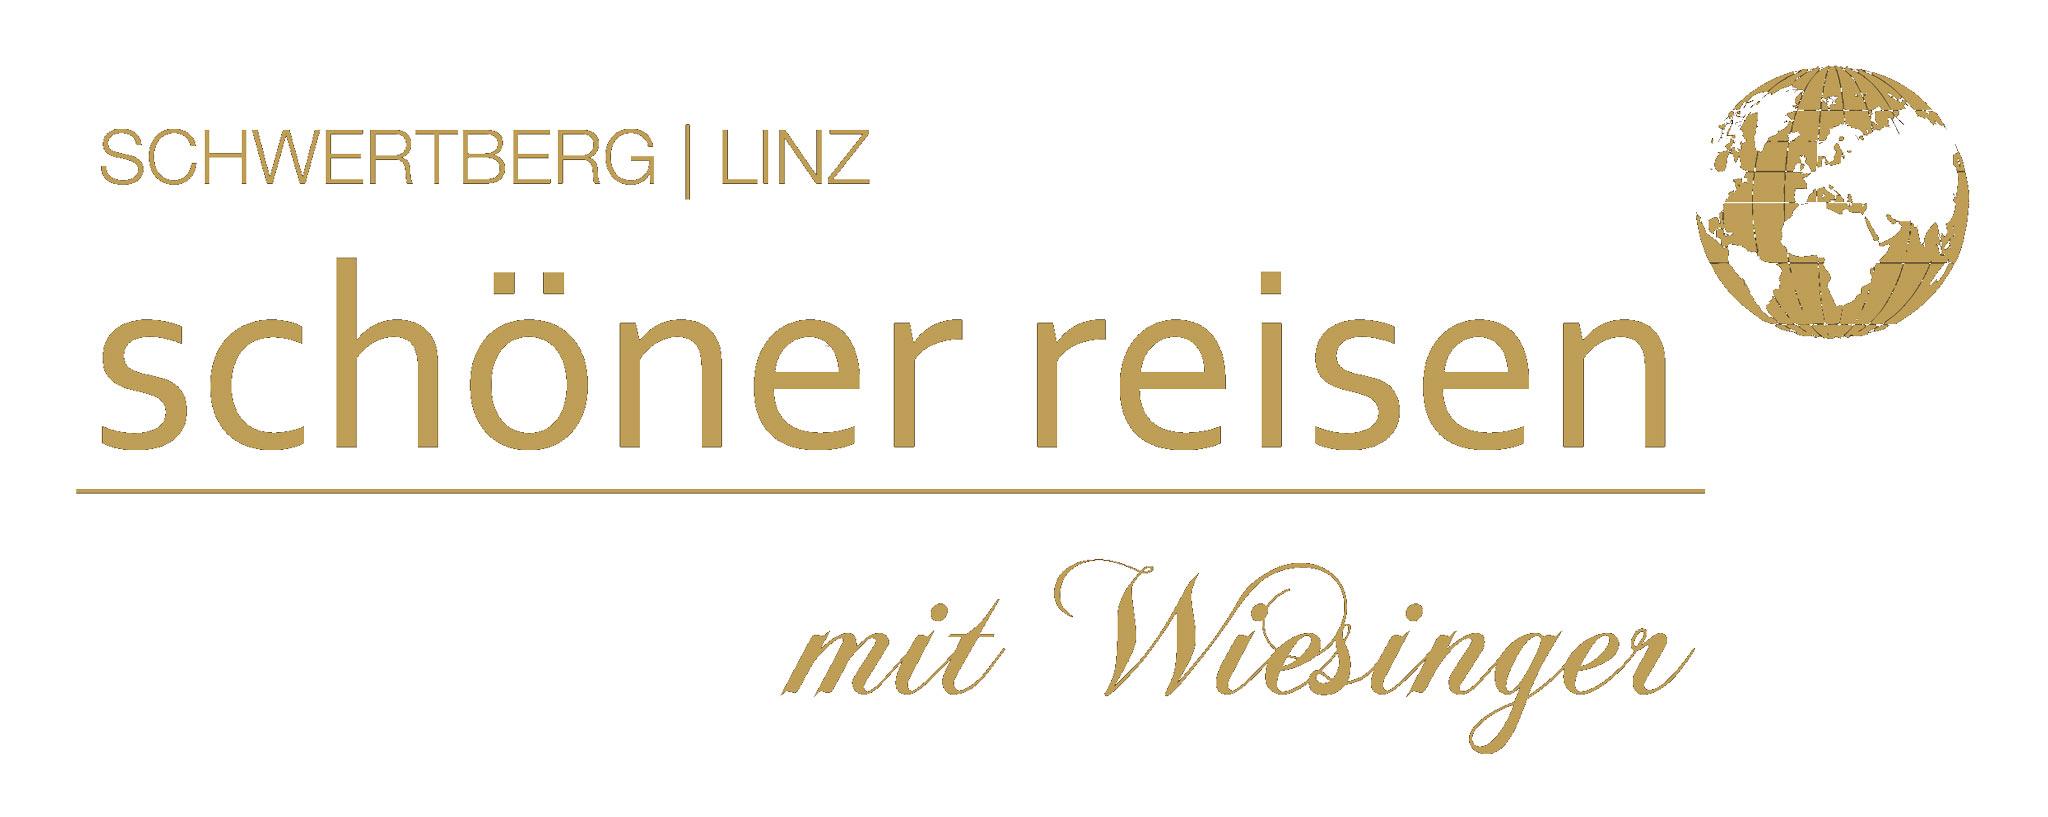 Schöner Reisen Wiesinger